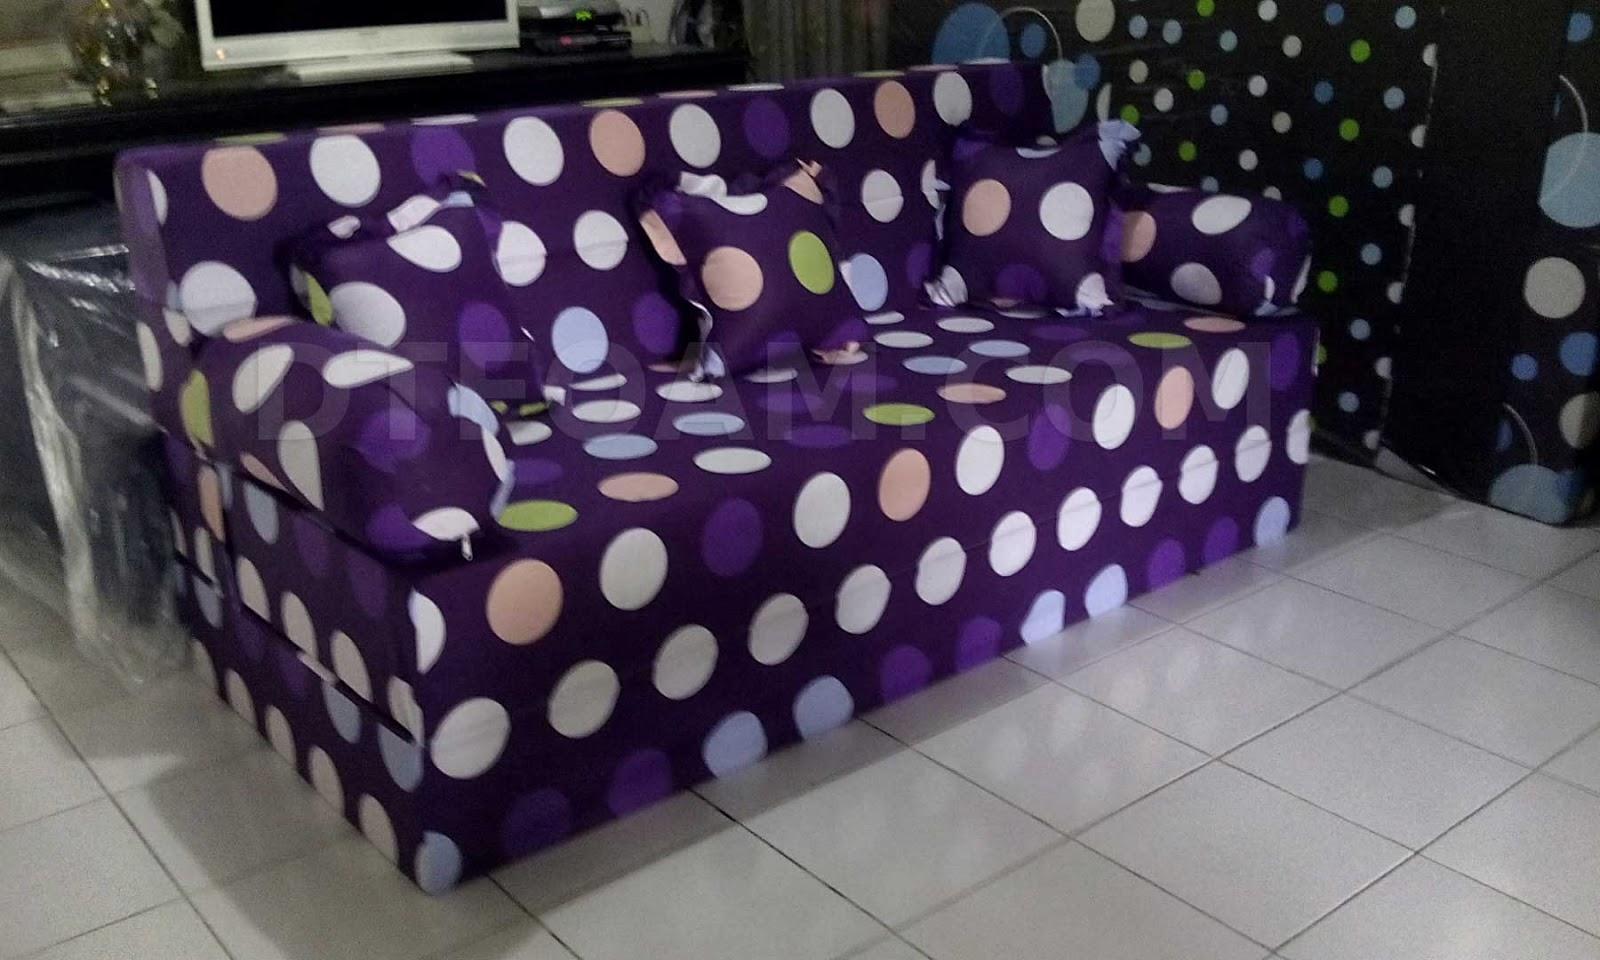 sofa bed kasur busa lipat inoac jakarta short seat depth harga termurah di 081384841348